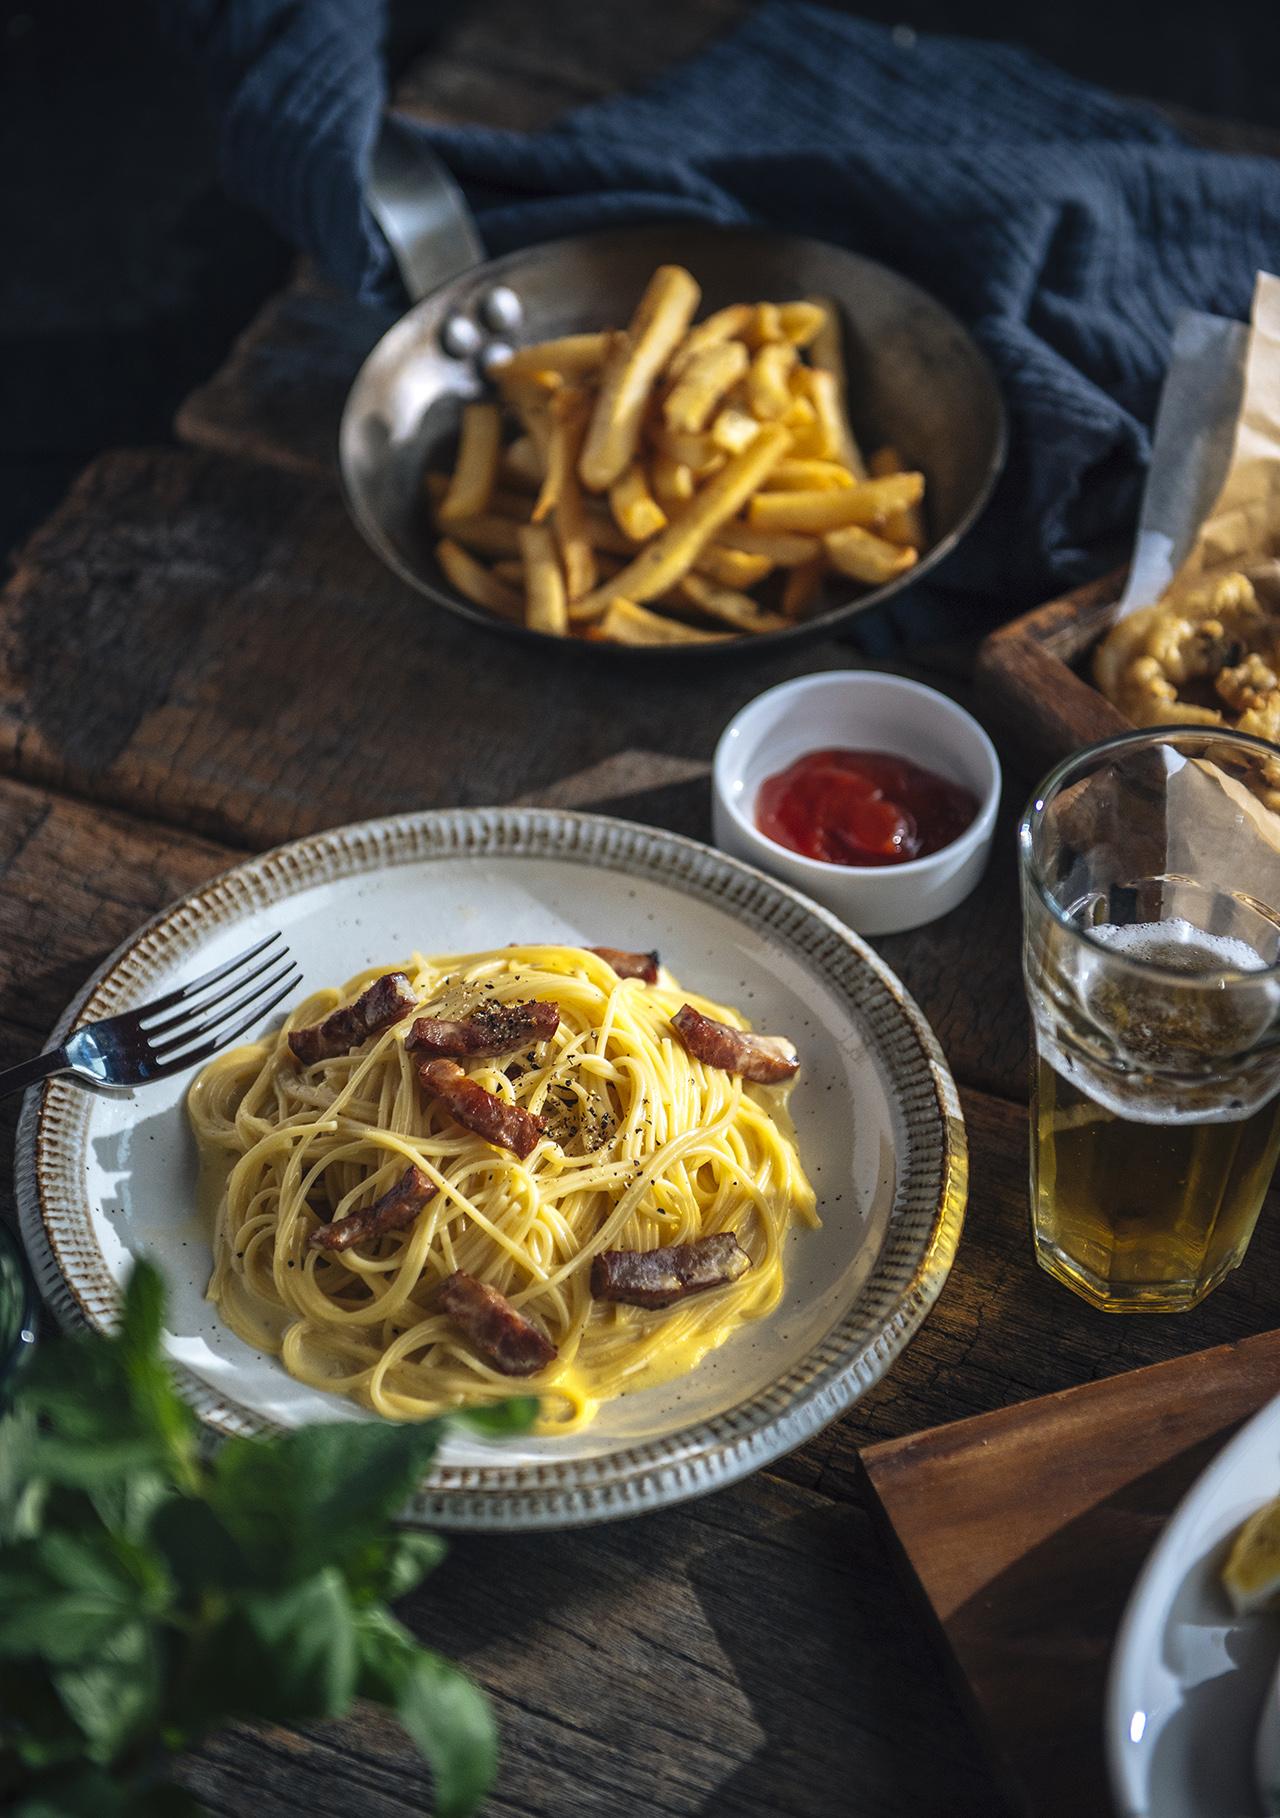 Bellini Pasta Pasta 炭燒職人風奶油蛋黃培根麵